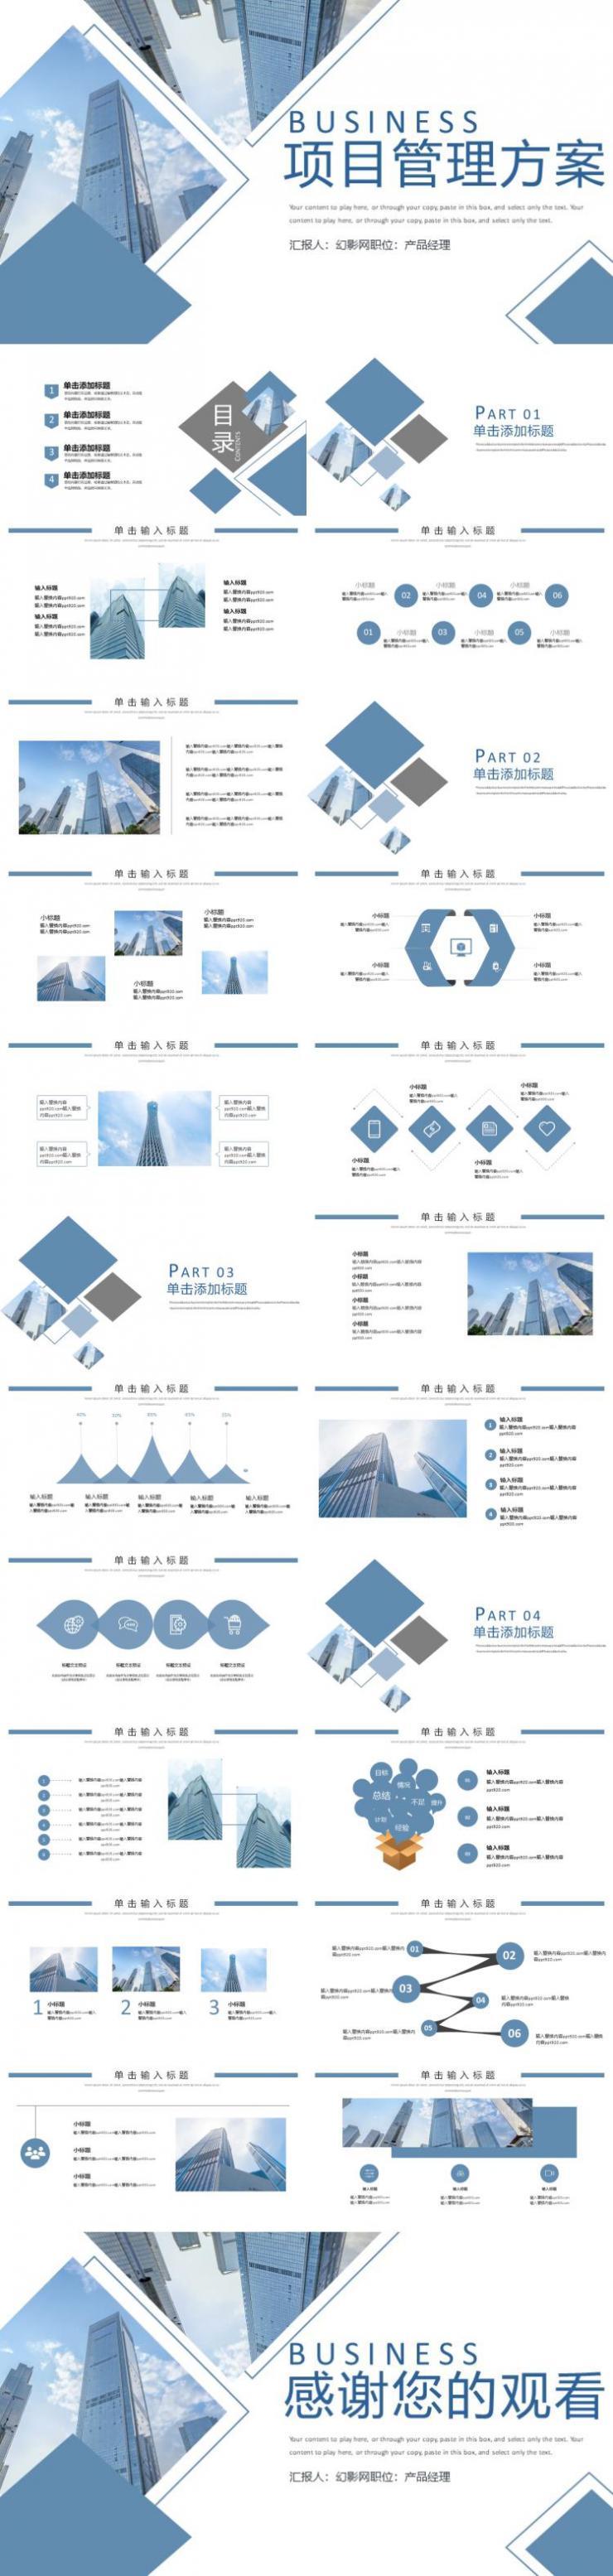 时尚大气项目管理方案PPT模板